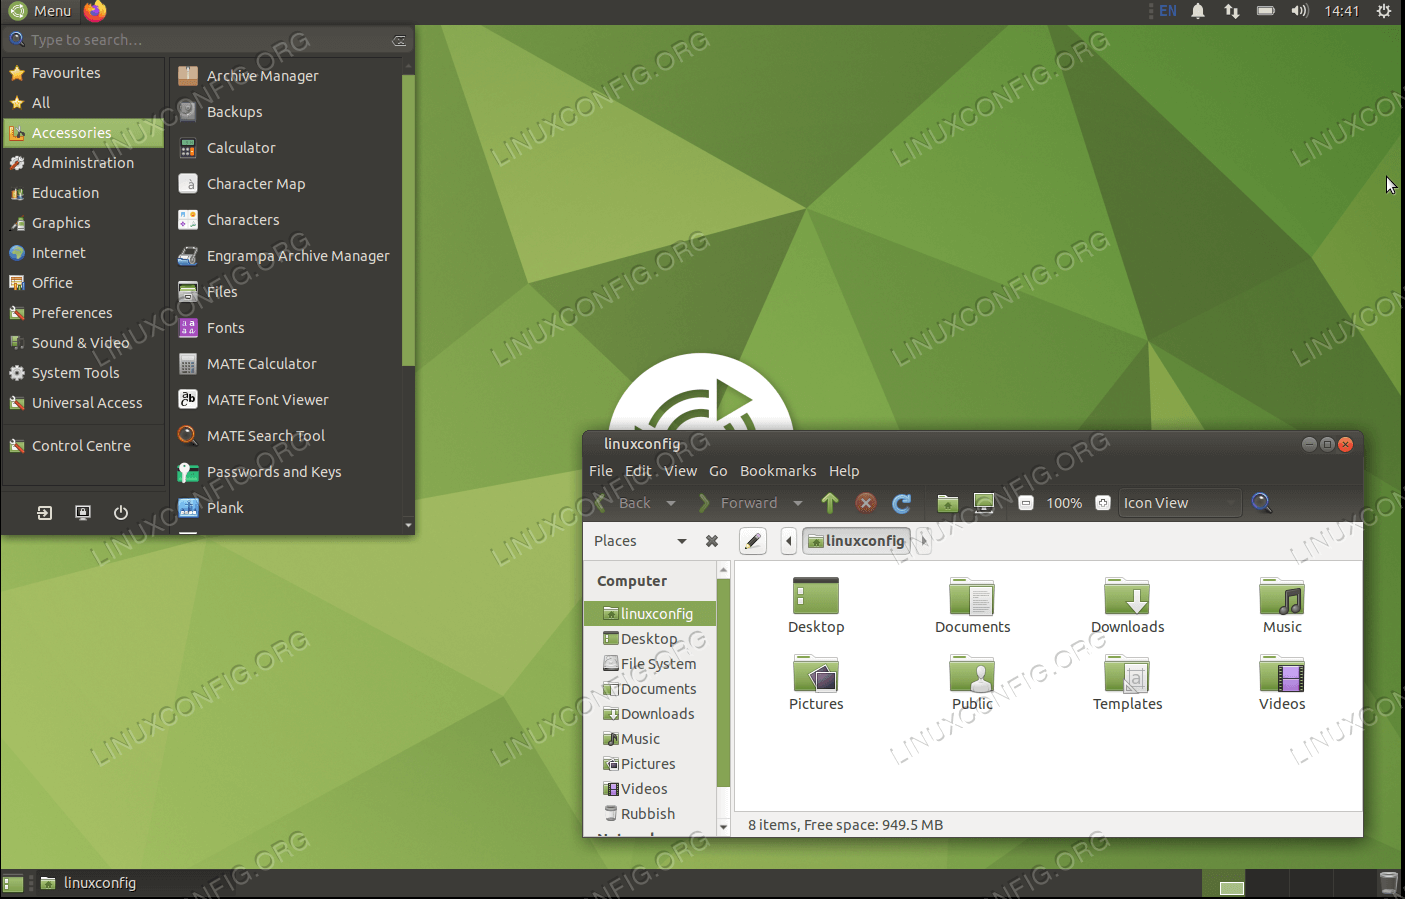 Рабочий стол MATE на Ubuntu 20.04 Focal Fossa Linux